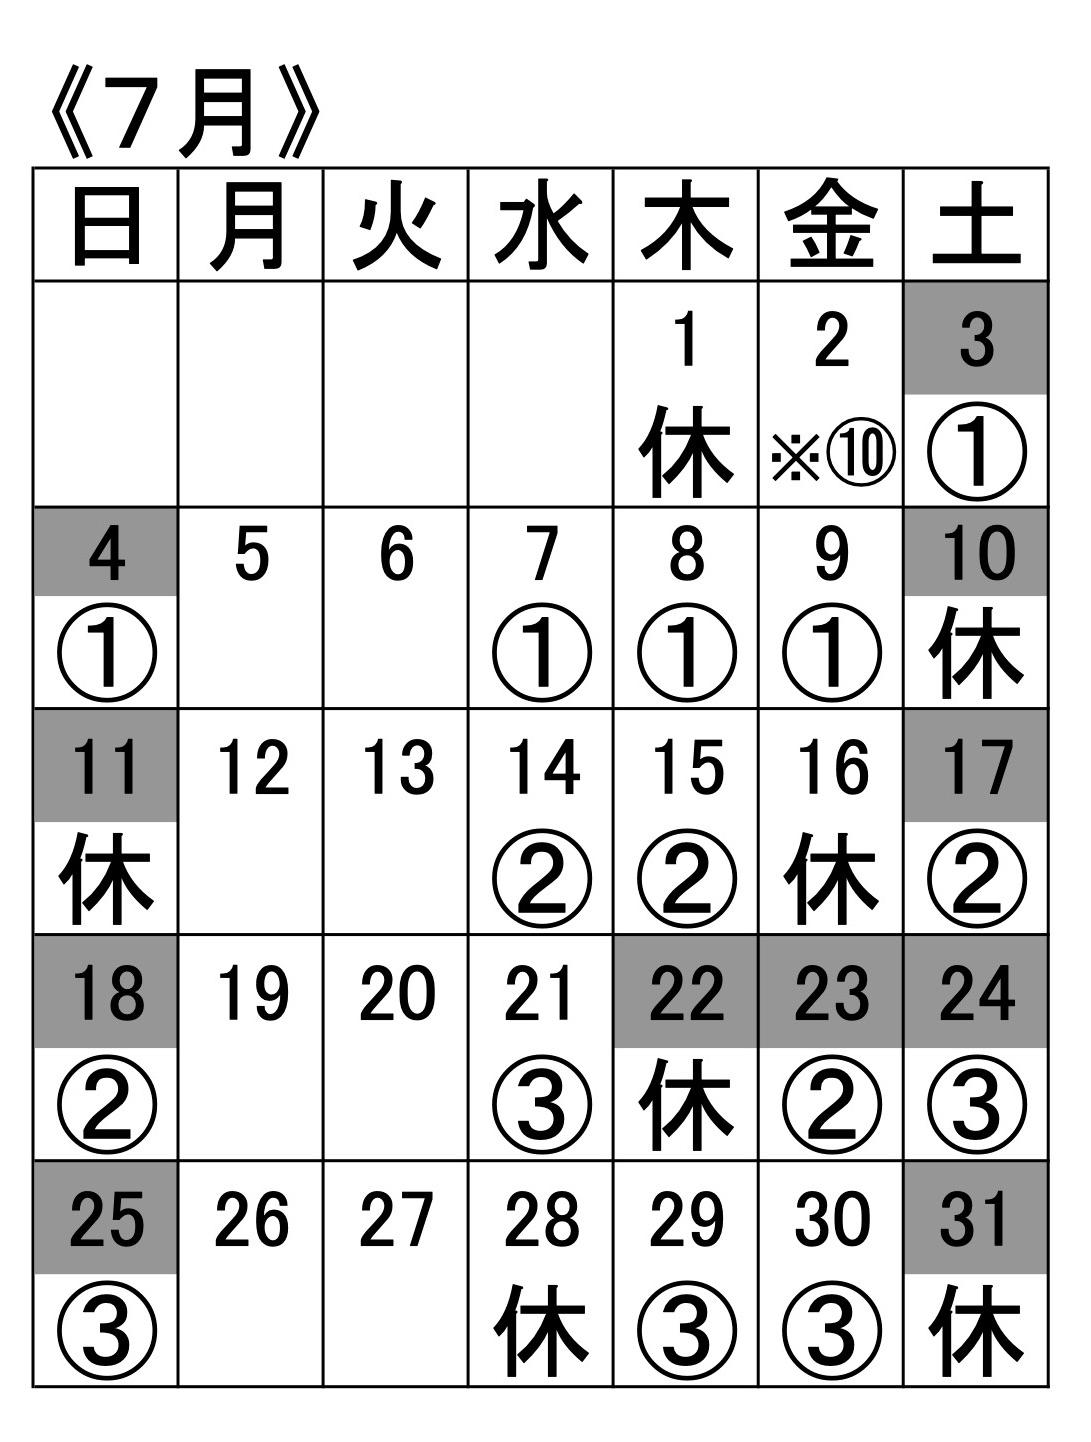 福山クラスの7月のスケジュール